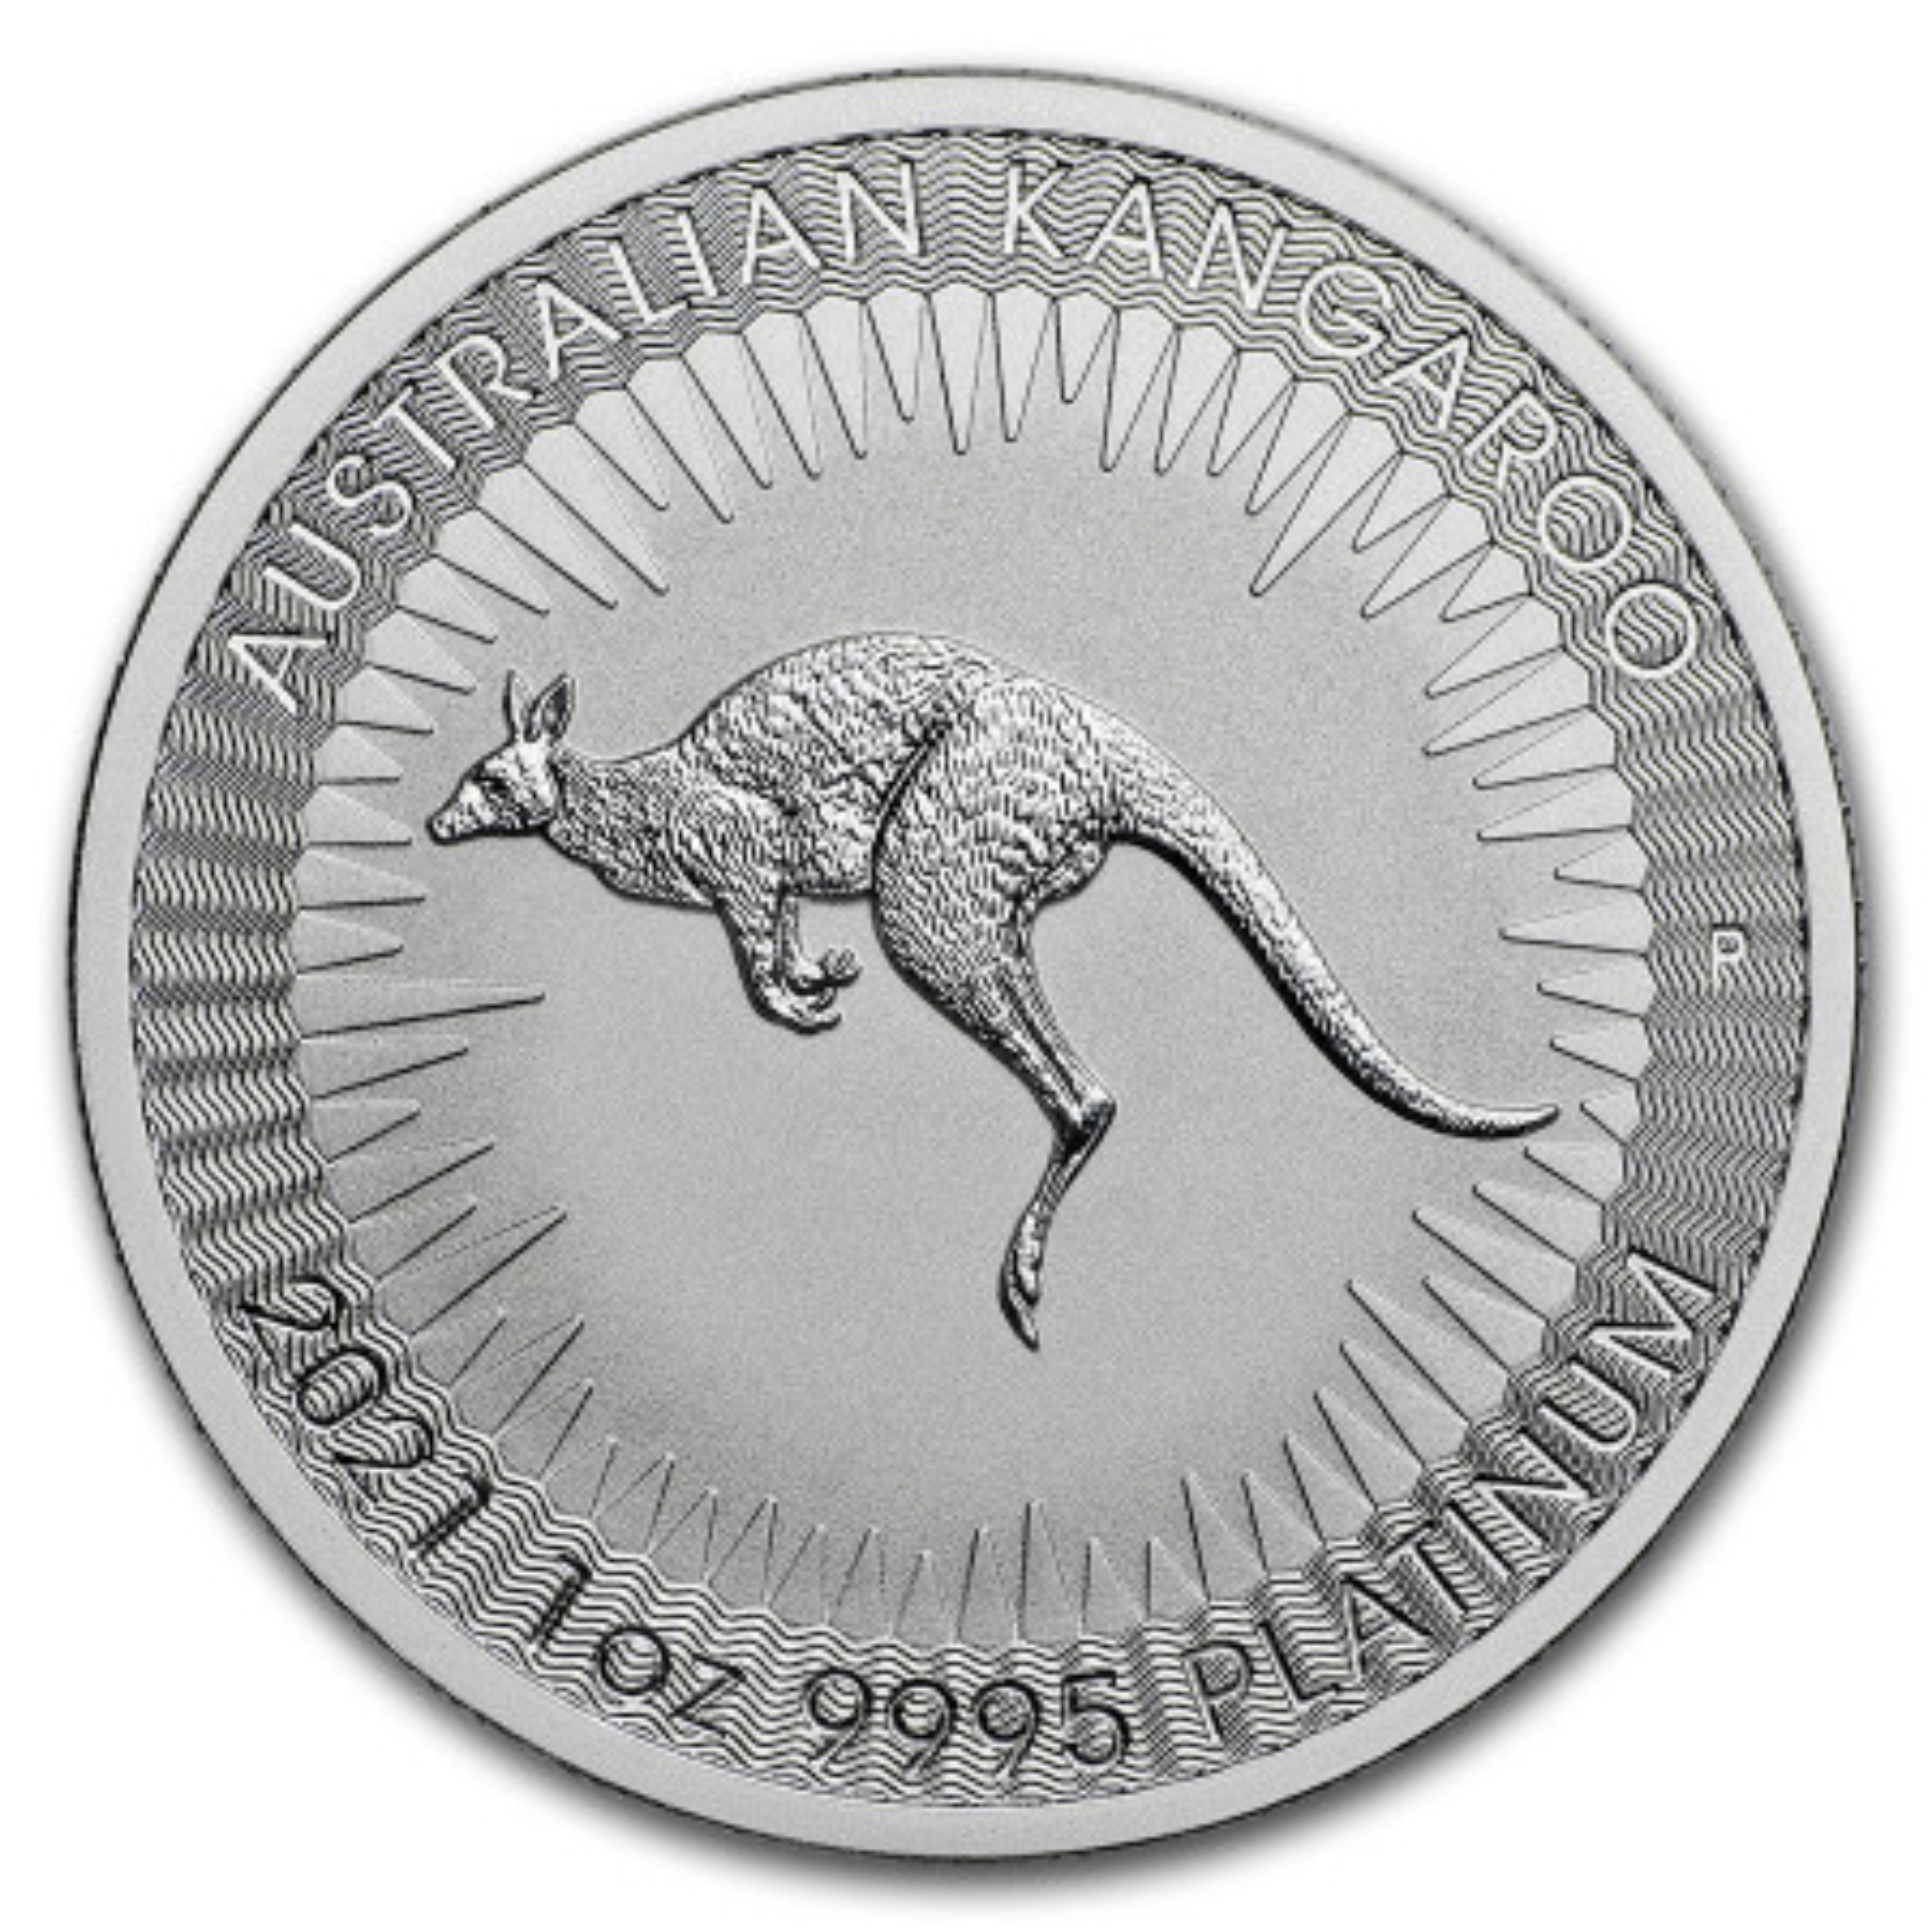 1 troy ounce platinum Kangaroo coin 2021